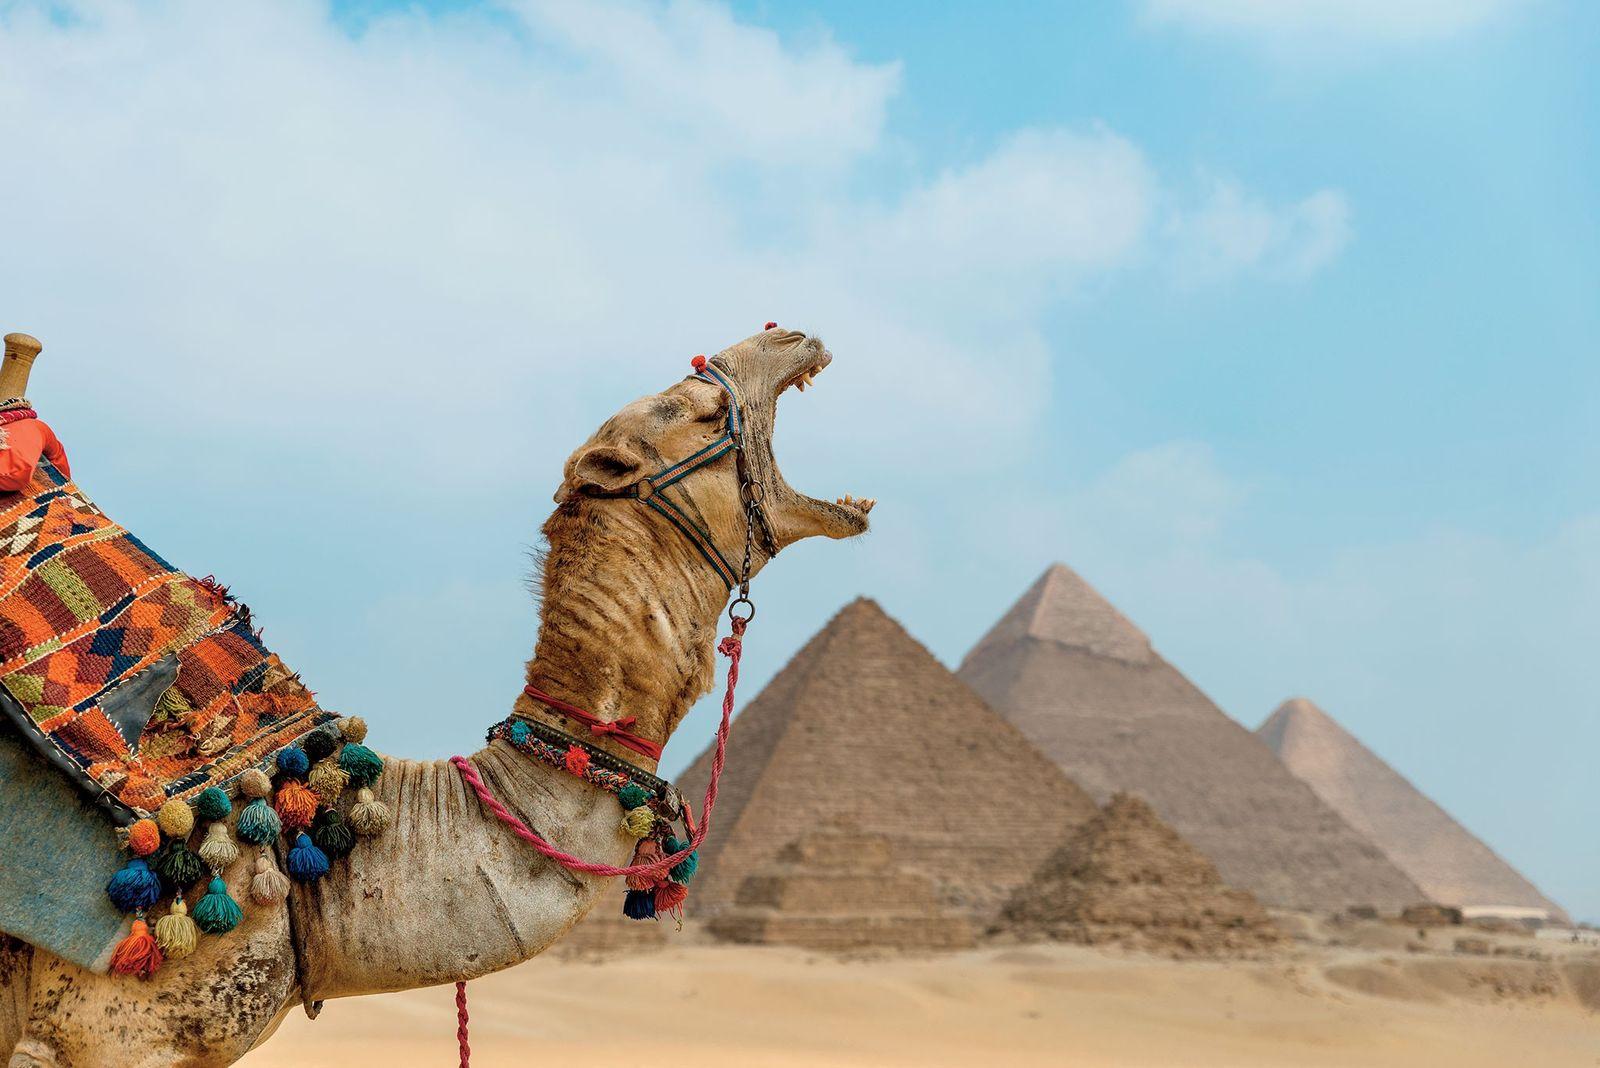 Pourquoi le solstice d'été est la meilleure période pour découvrir les pyramides d'Égypte